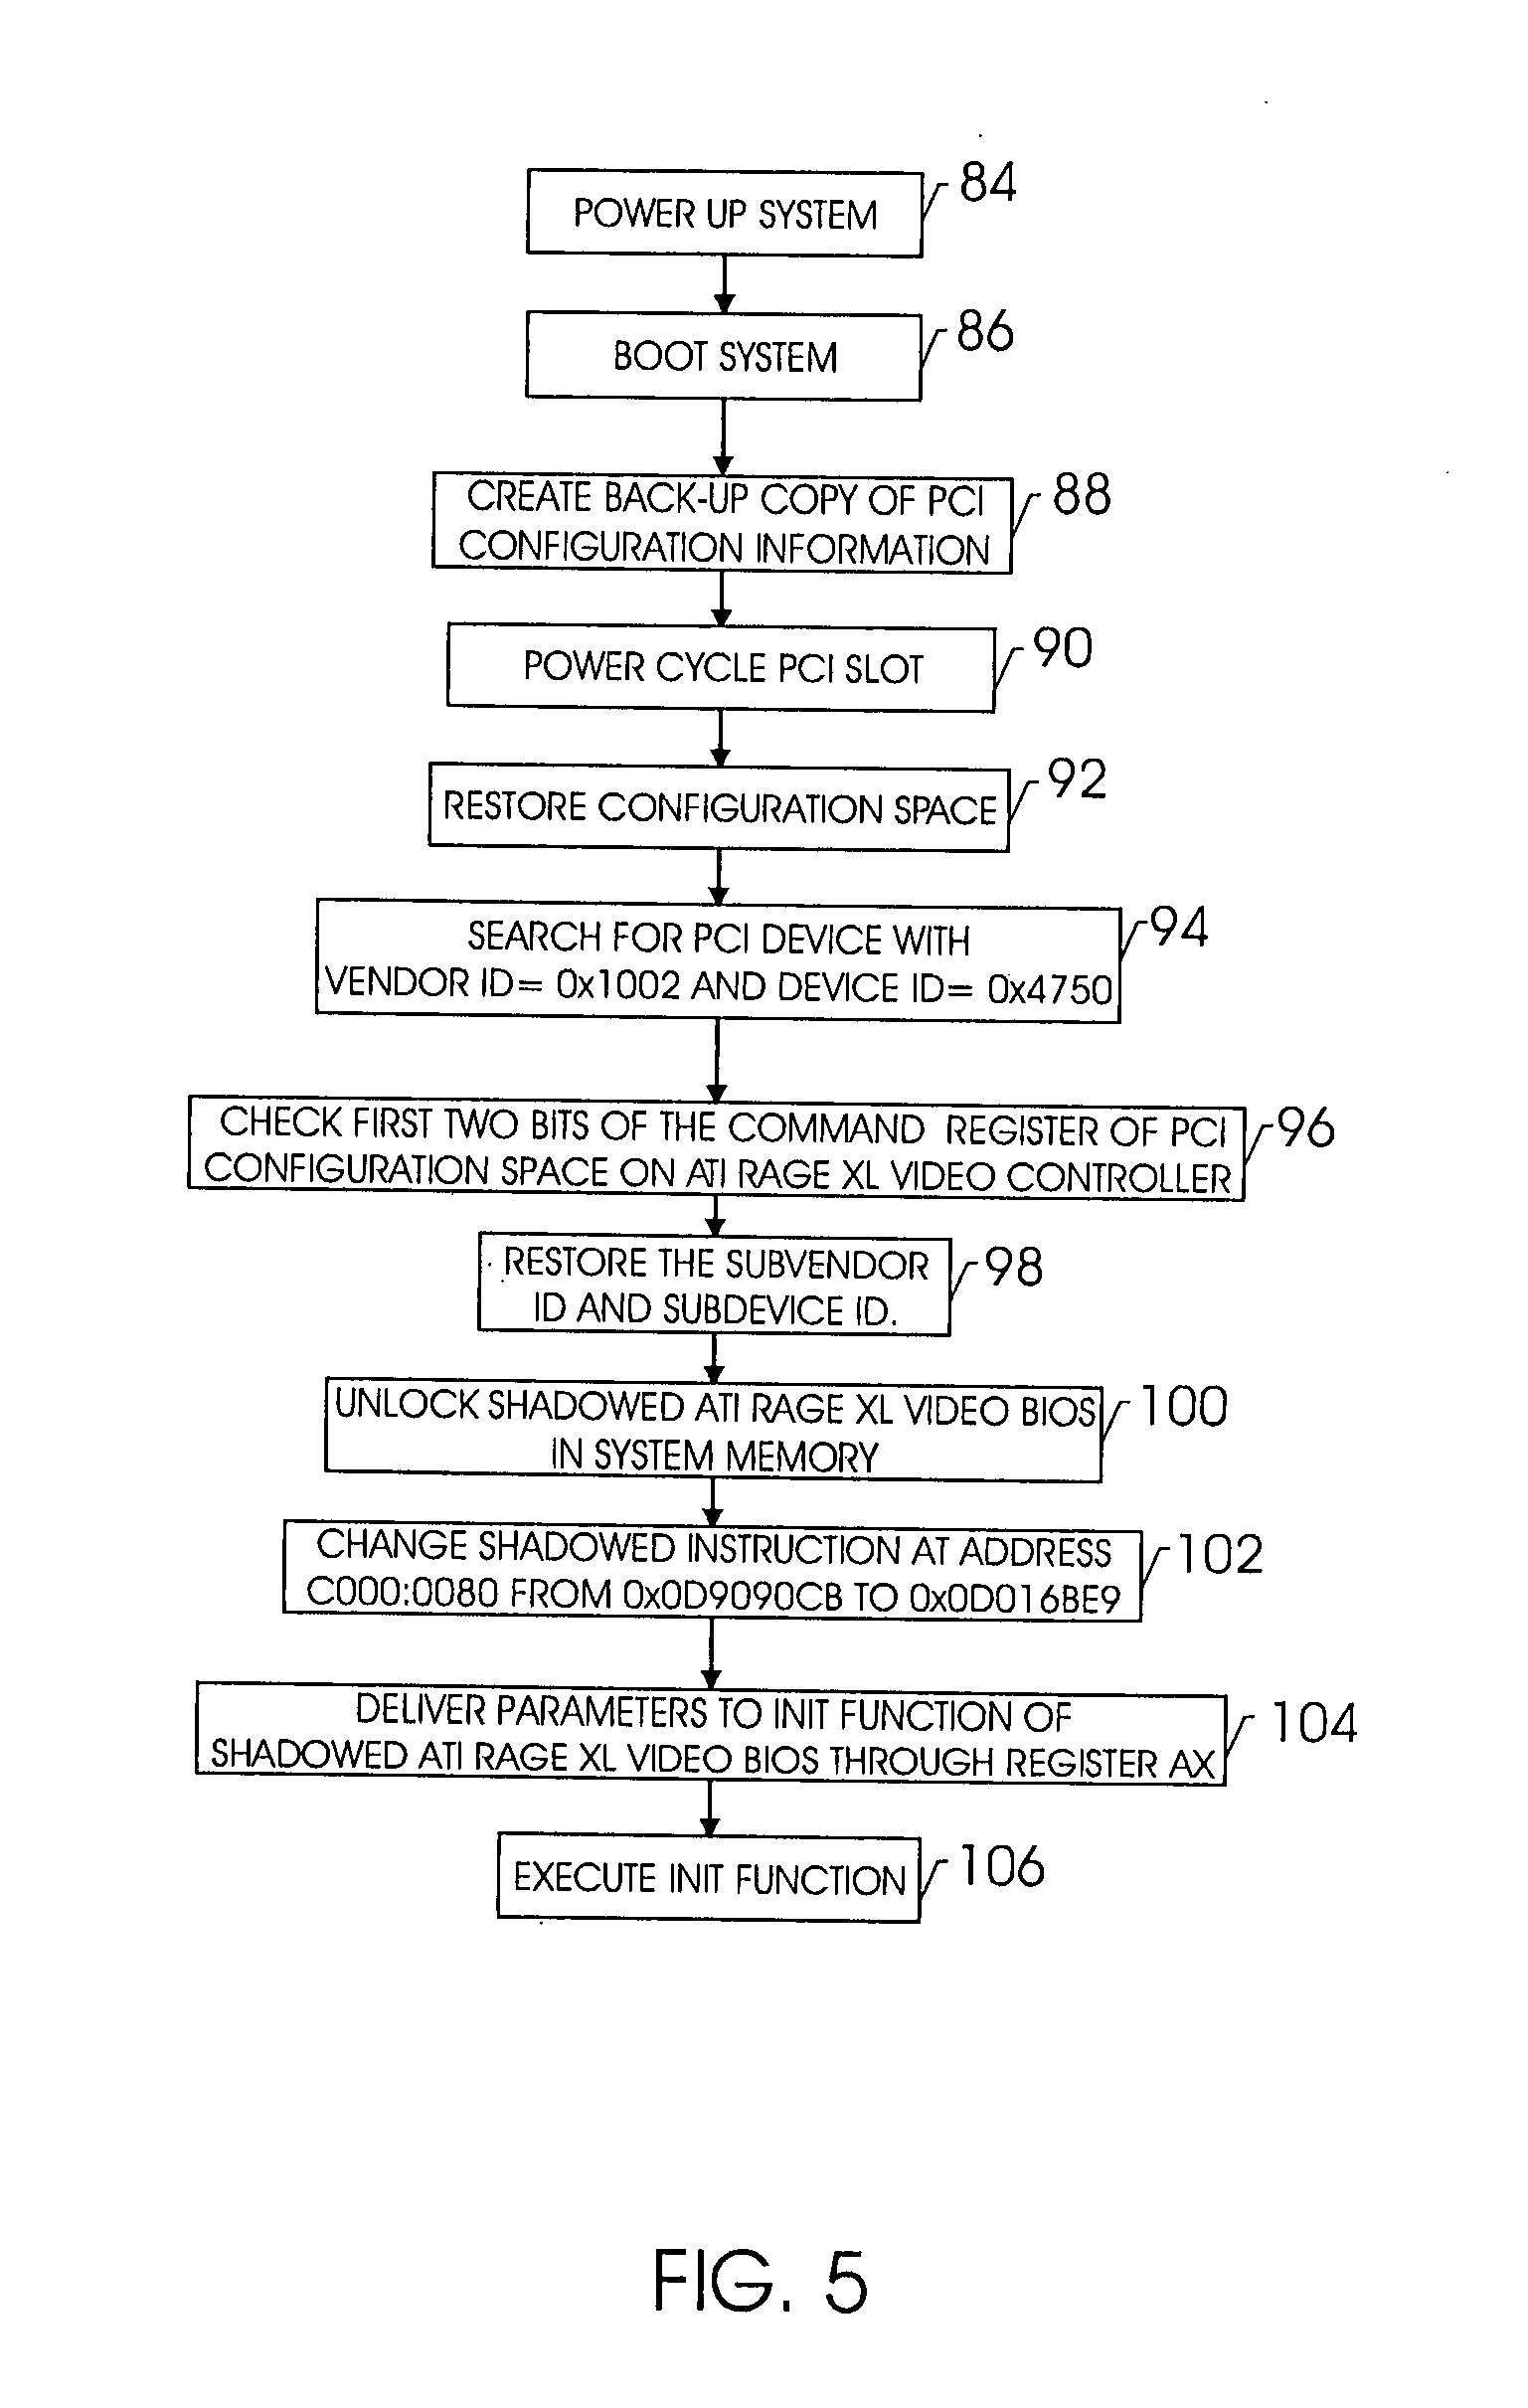 براءة الاختراع US20070192582 - Techniques for initializing a device